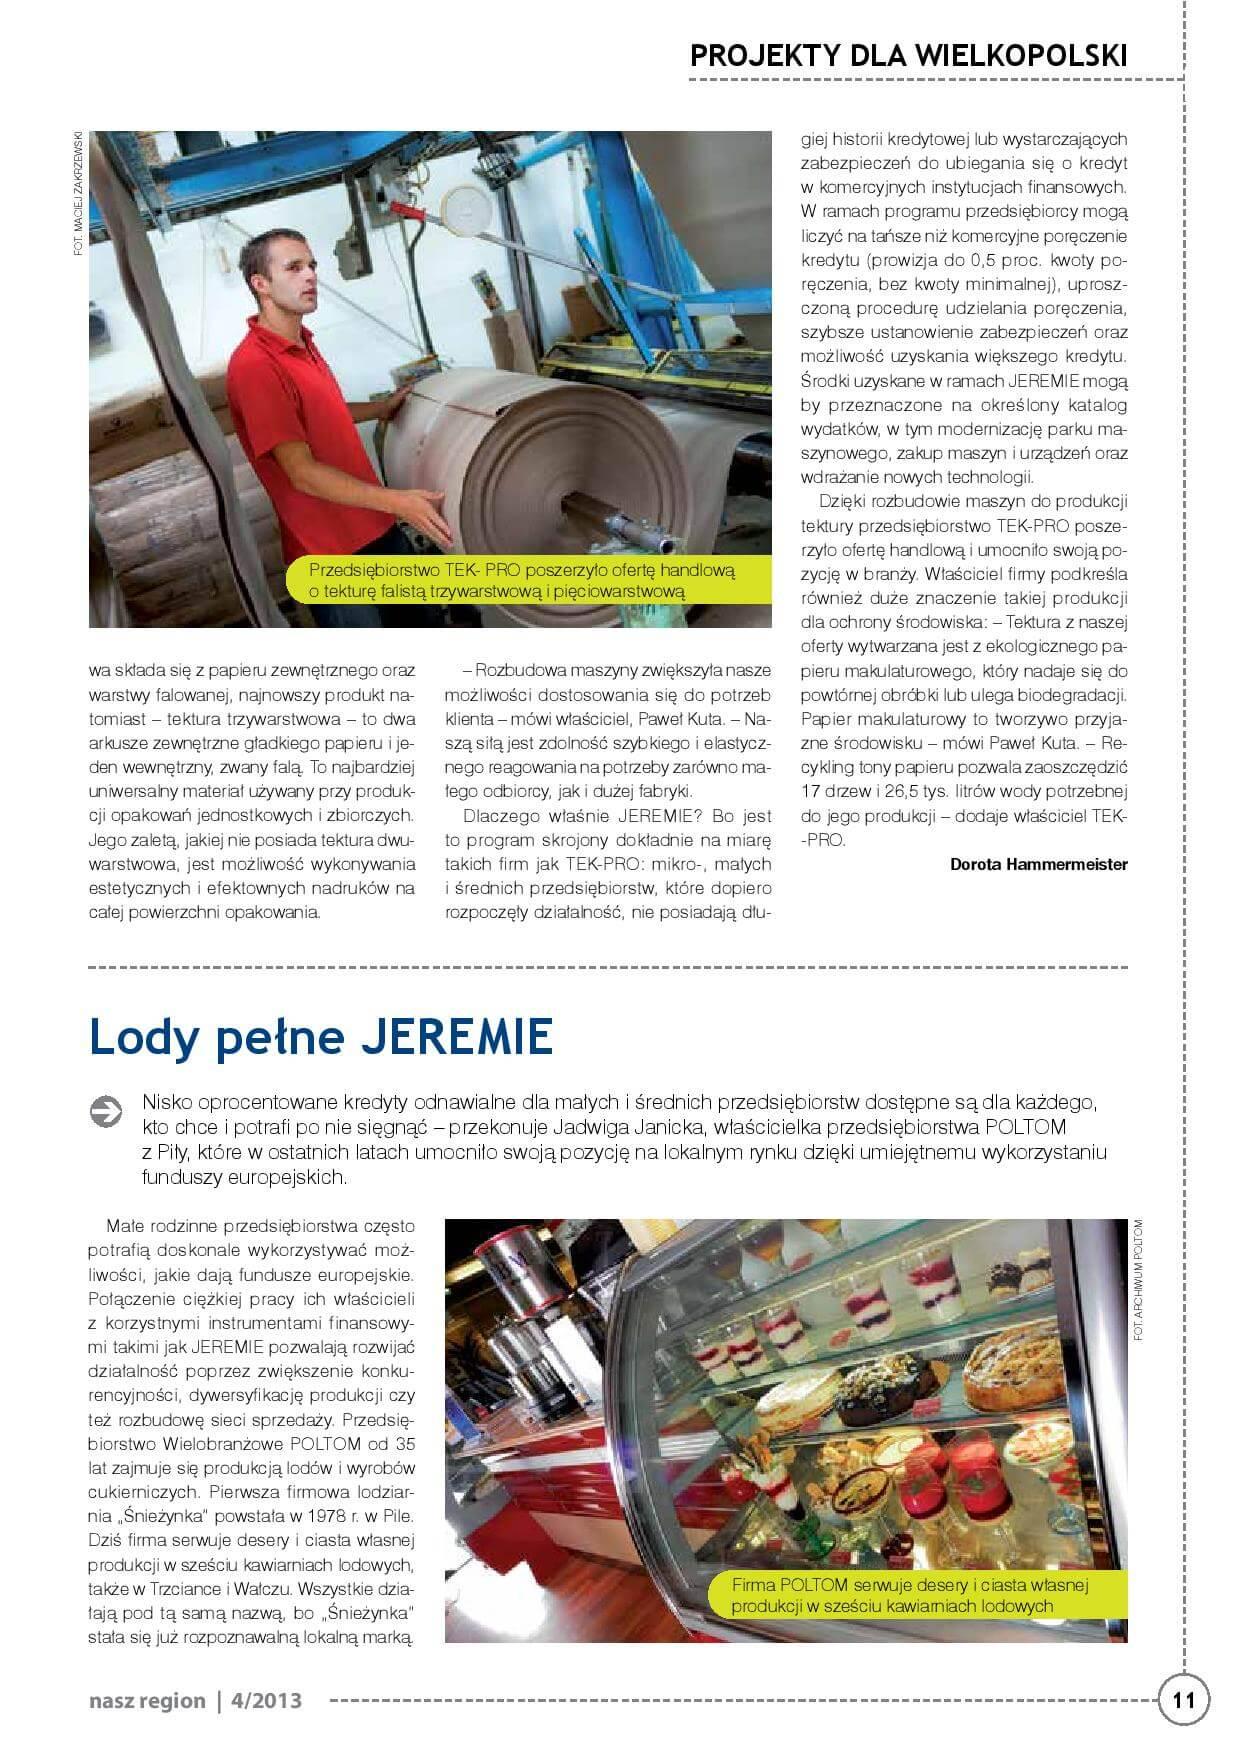 NaszRegion_04_2013_net-page-011